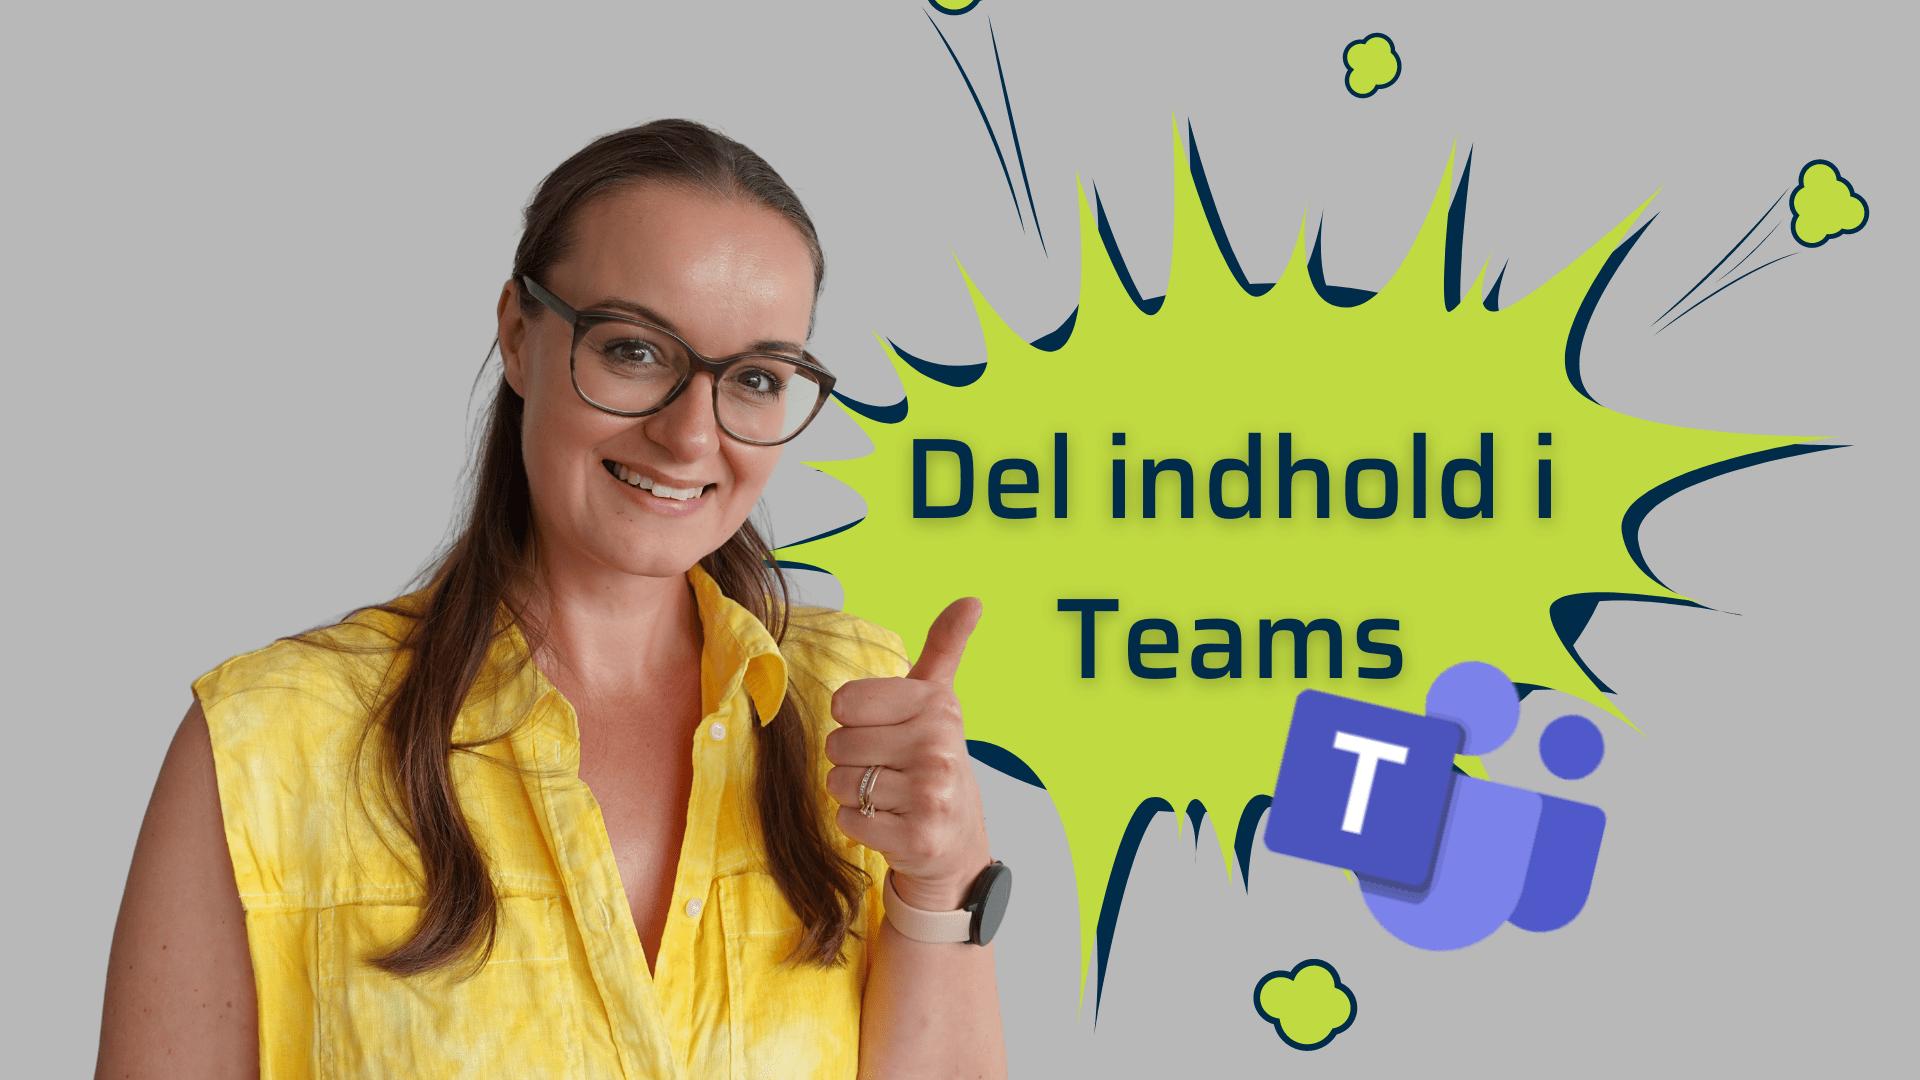 Del indhold i Teams møder